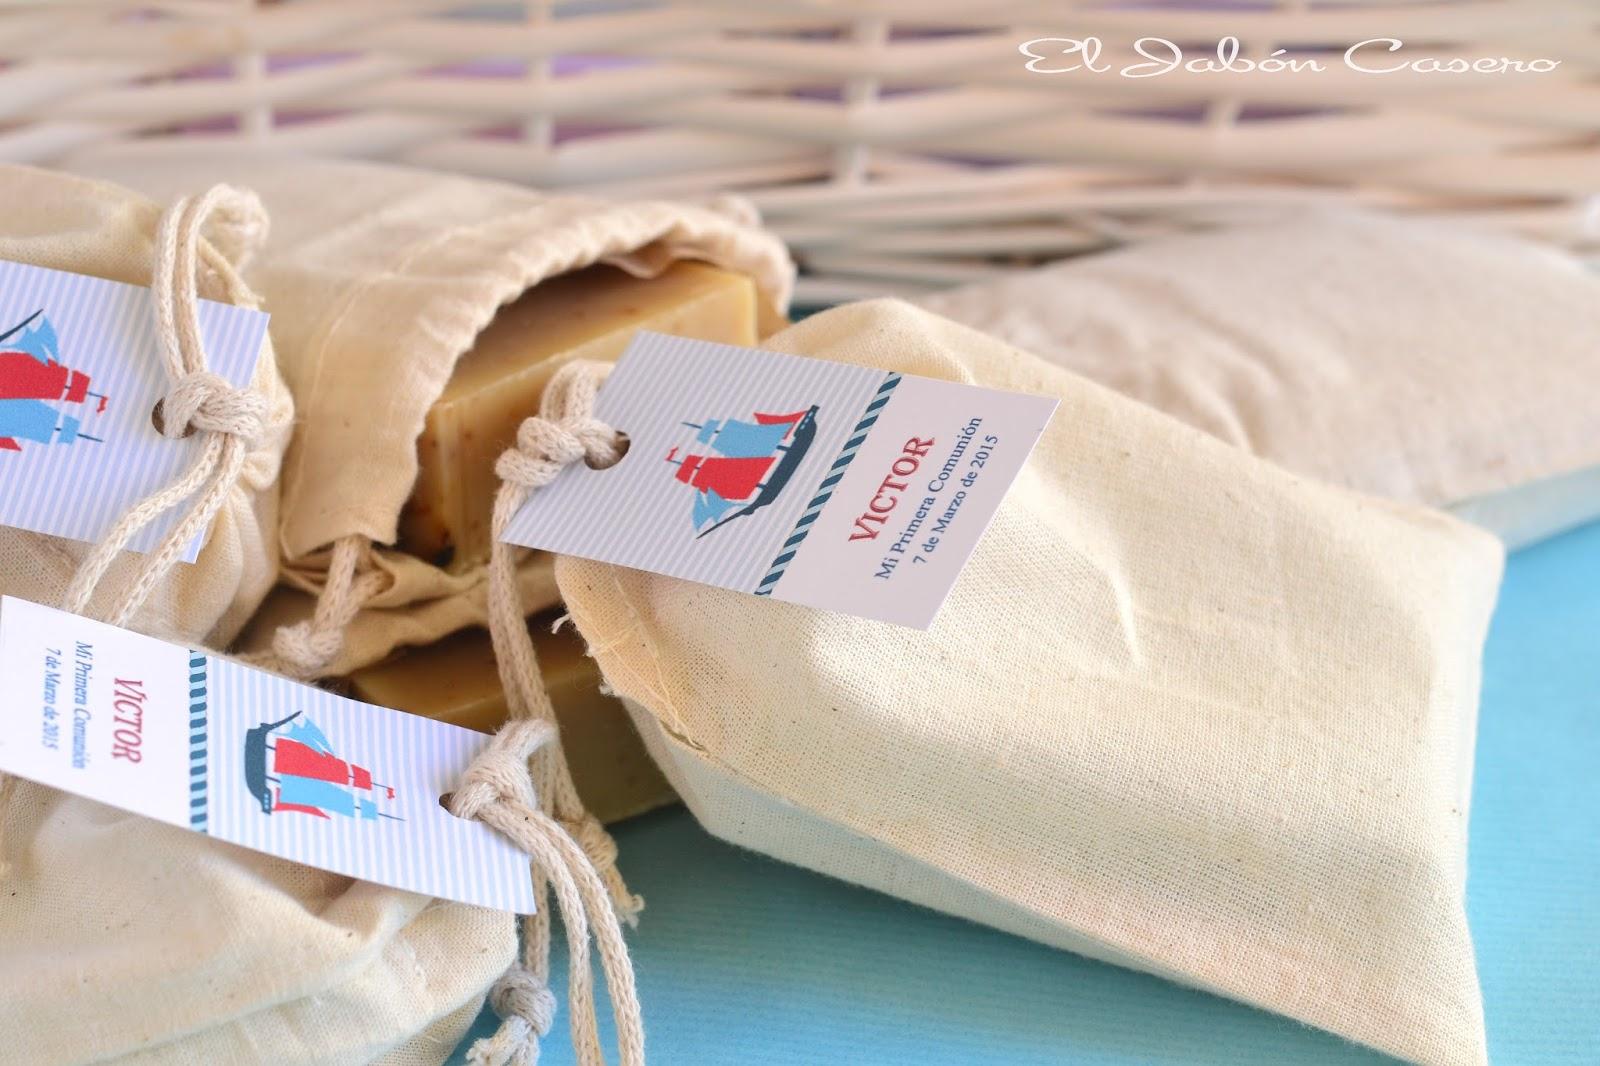 comunion marinera detalles de invitados jabones en bolsitas de algodon